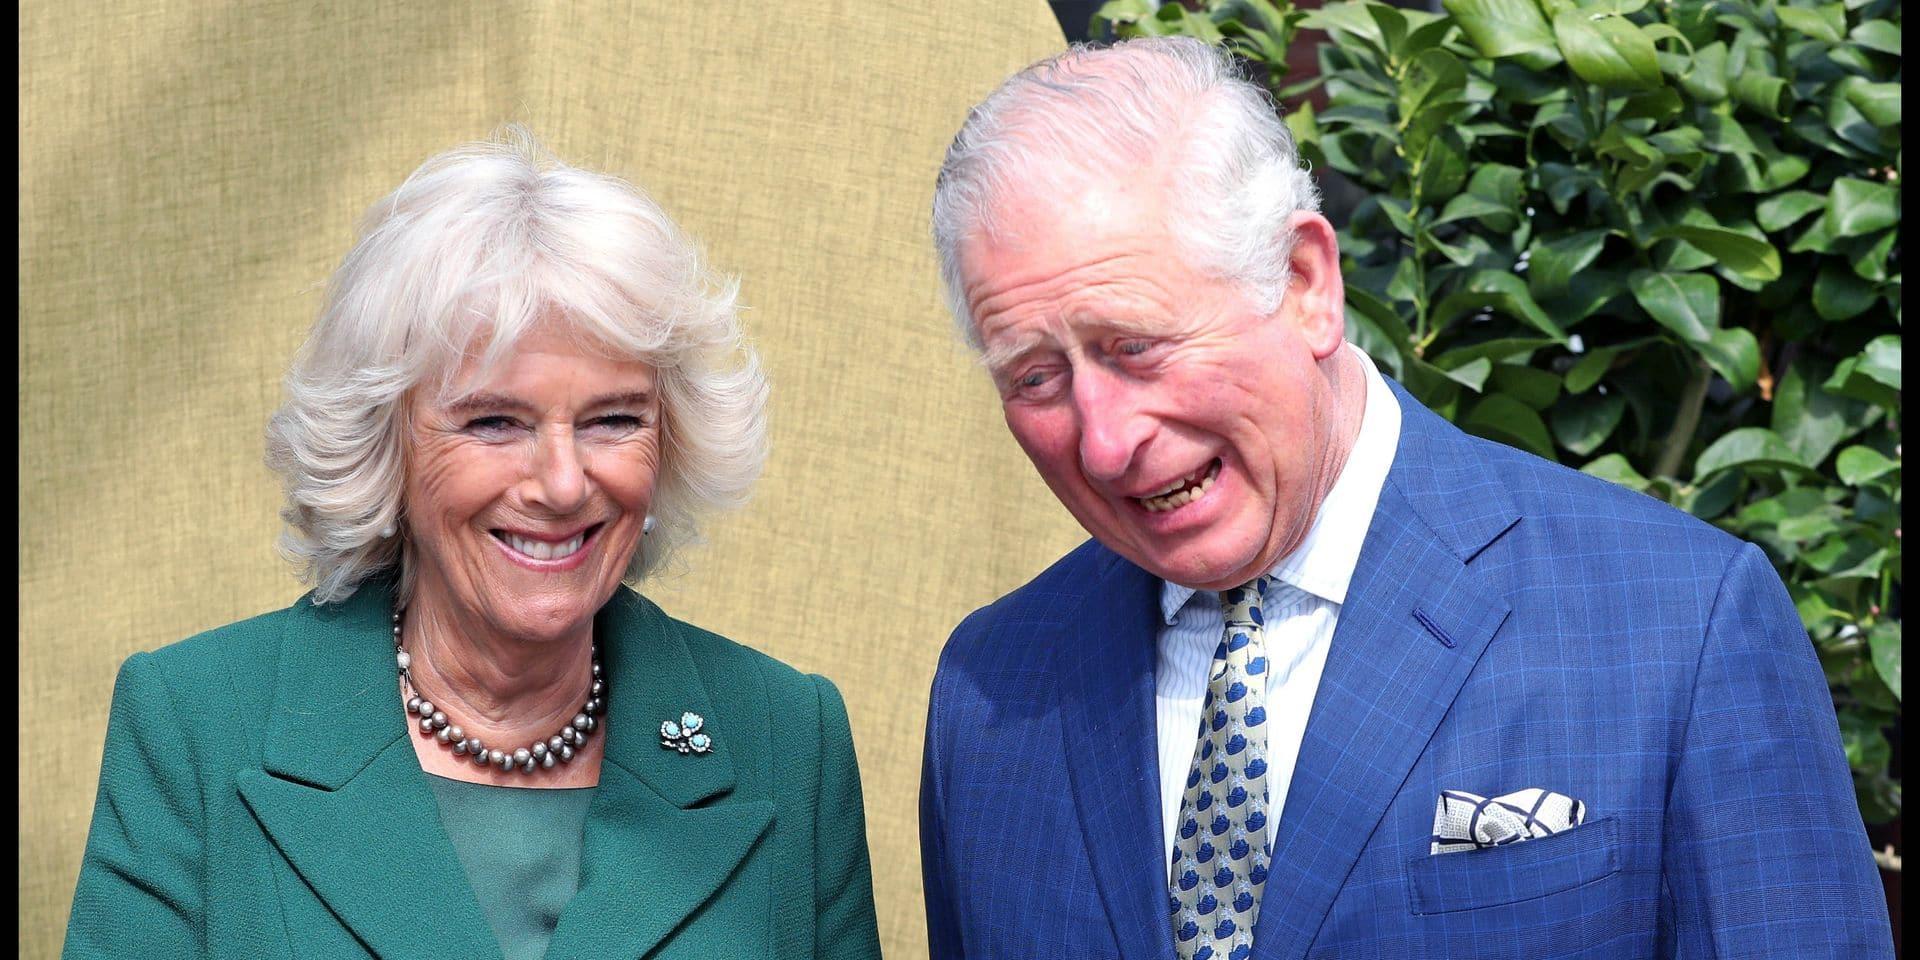 La drôle de réaction de l'épouse du prince Charles quand on lui demande si Meghan et Harry vont lui manquer